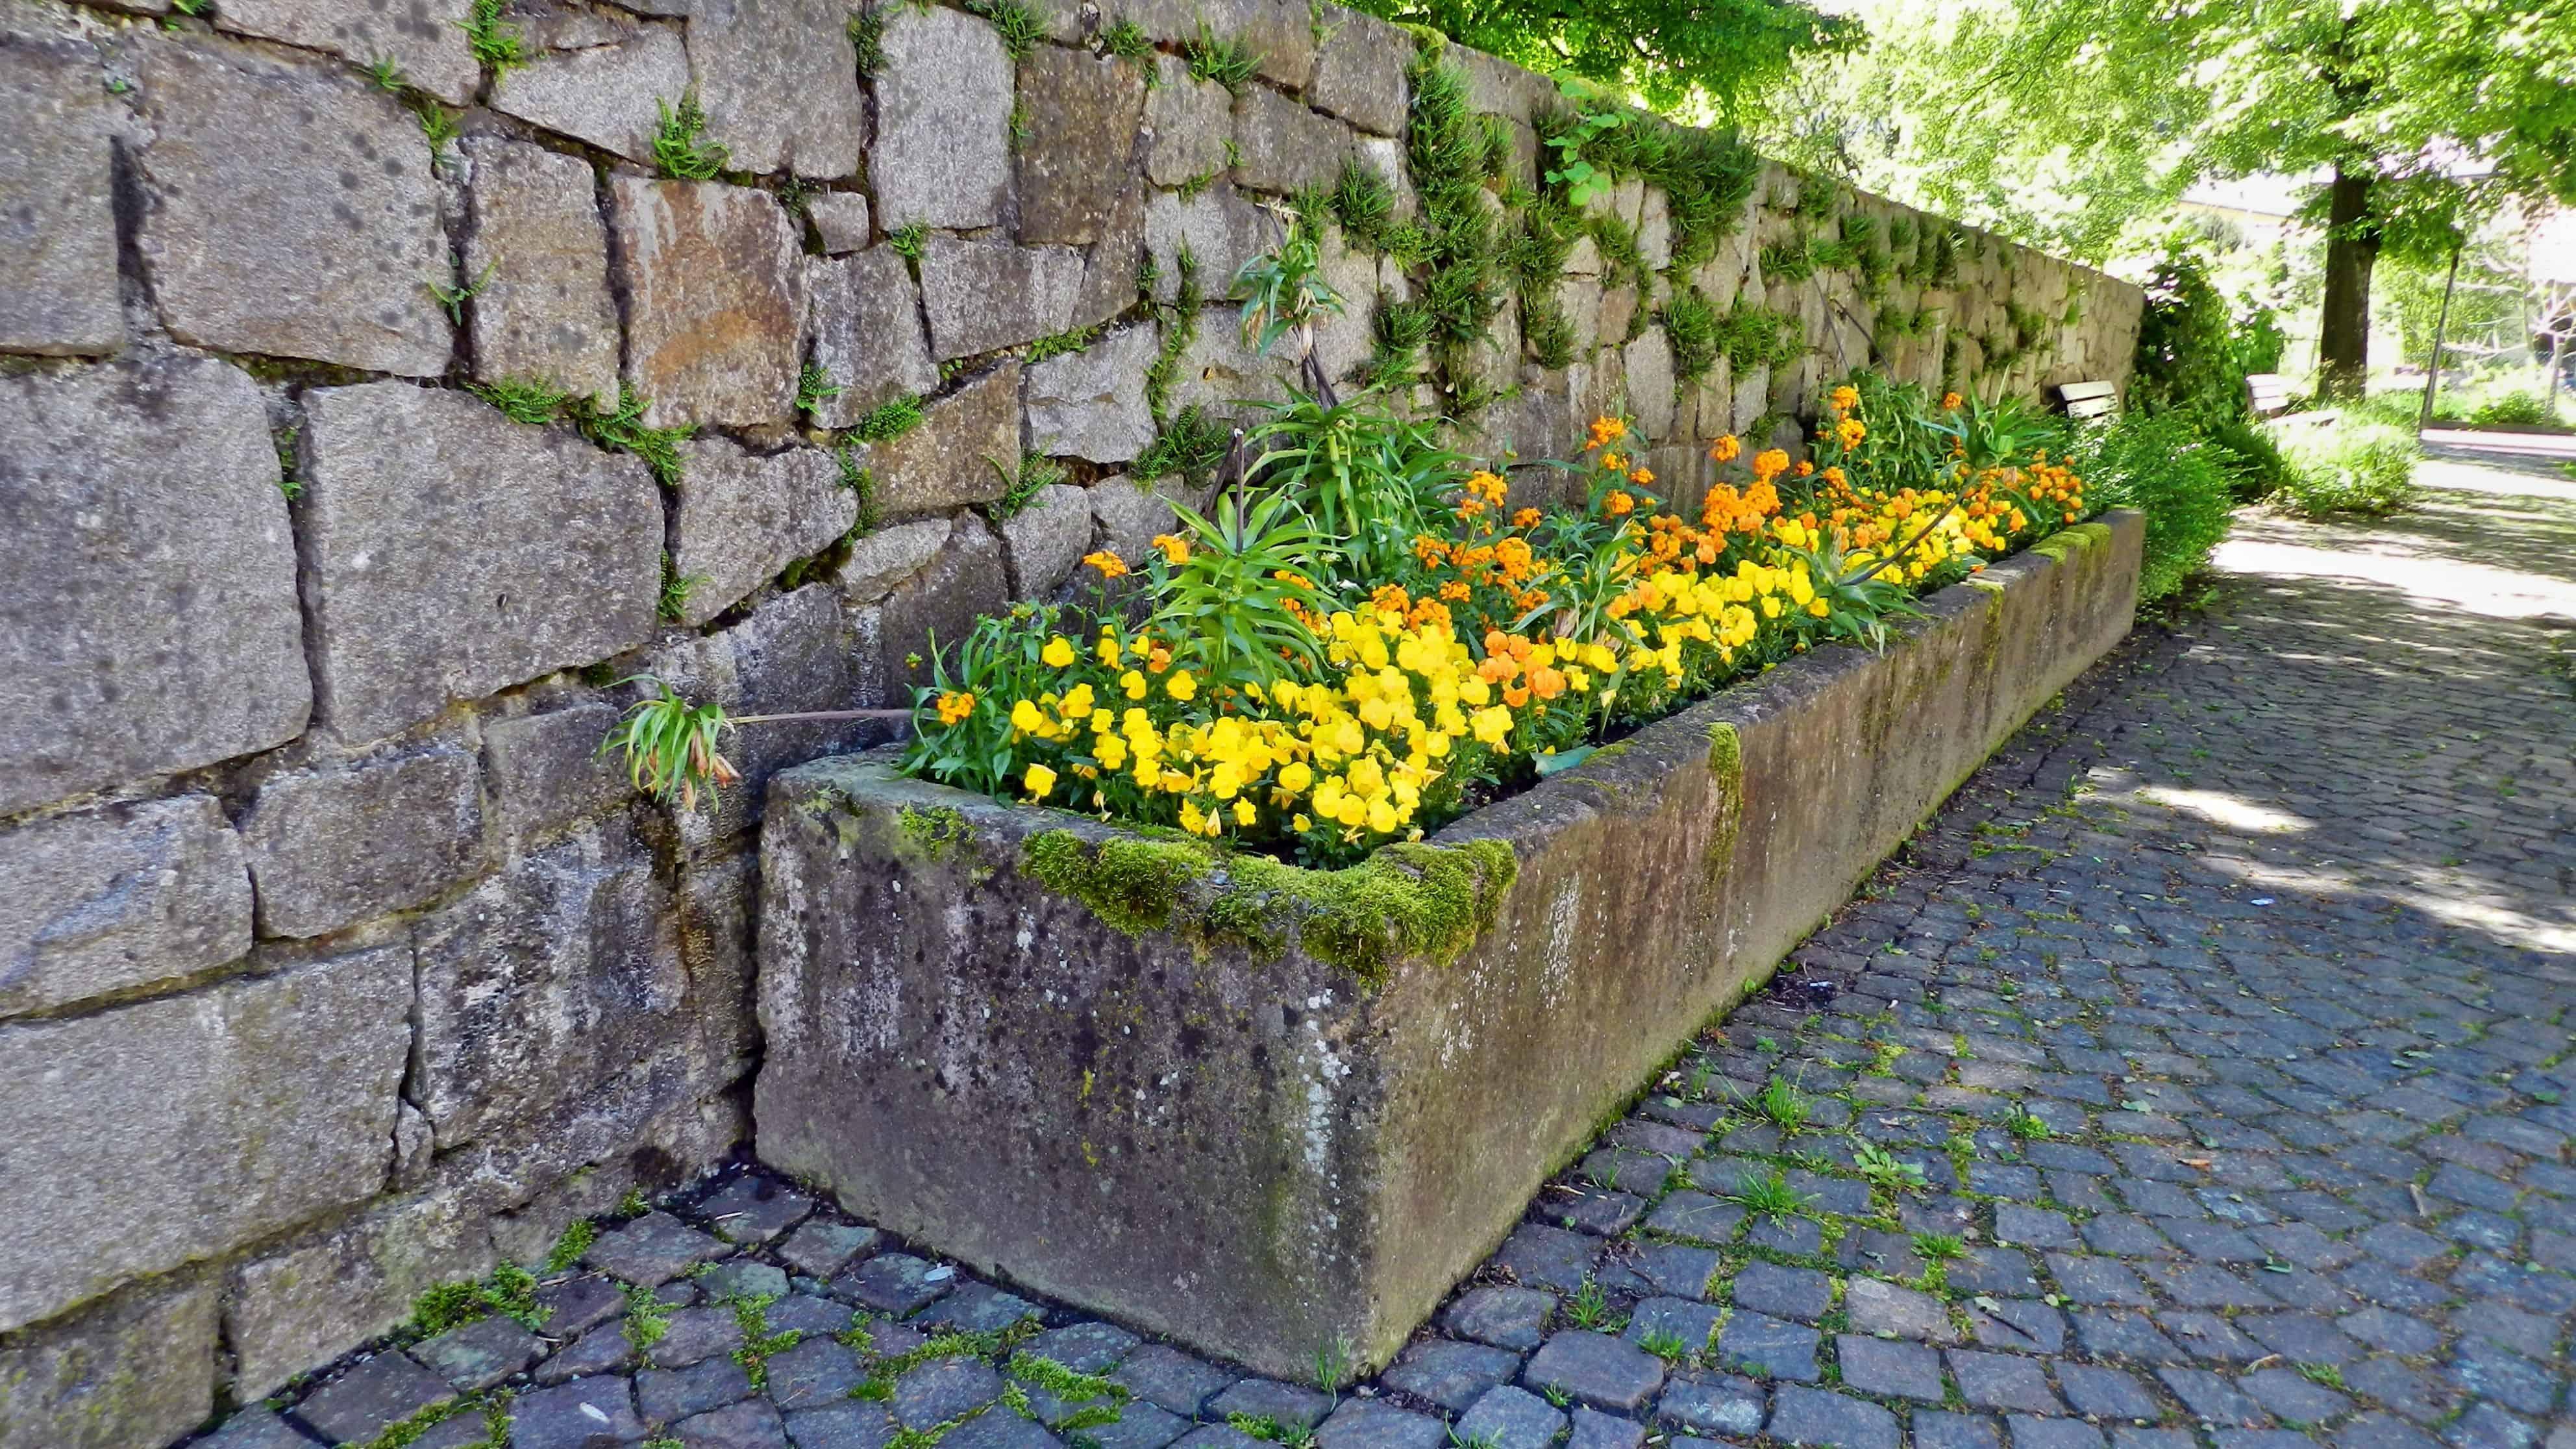 Ein Steintrog mit Pflanzen